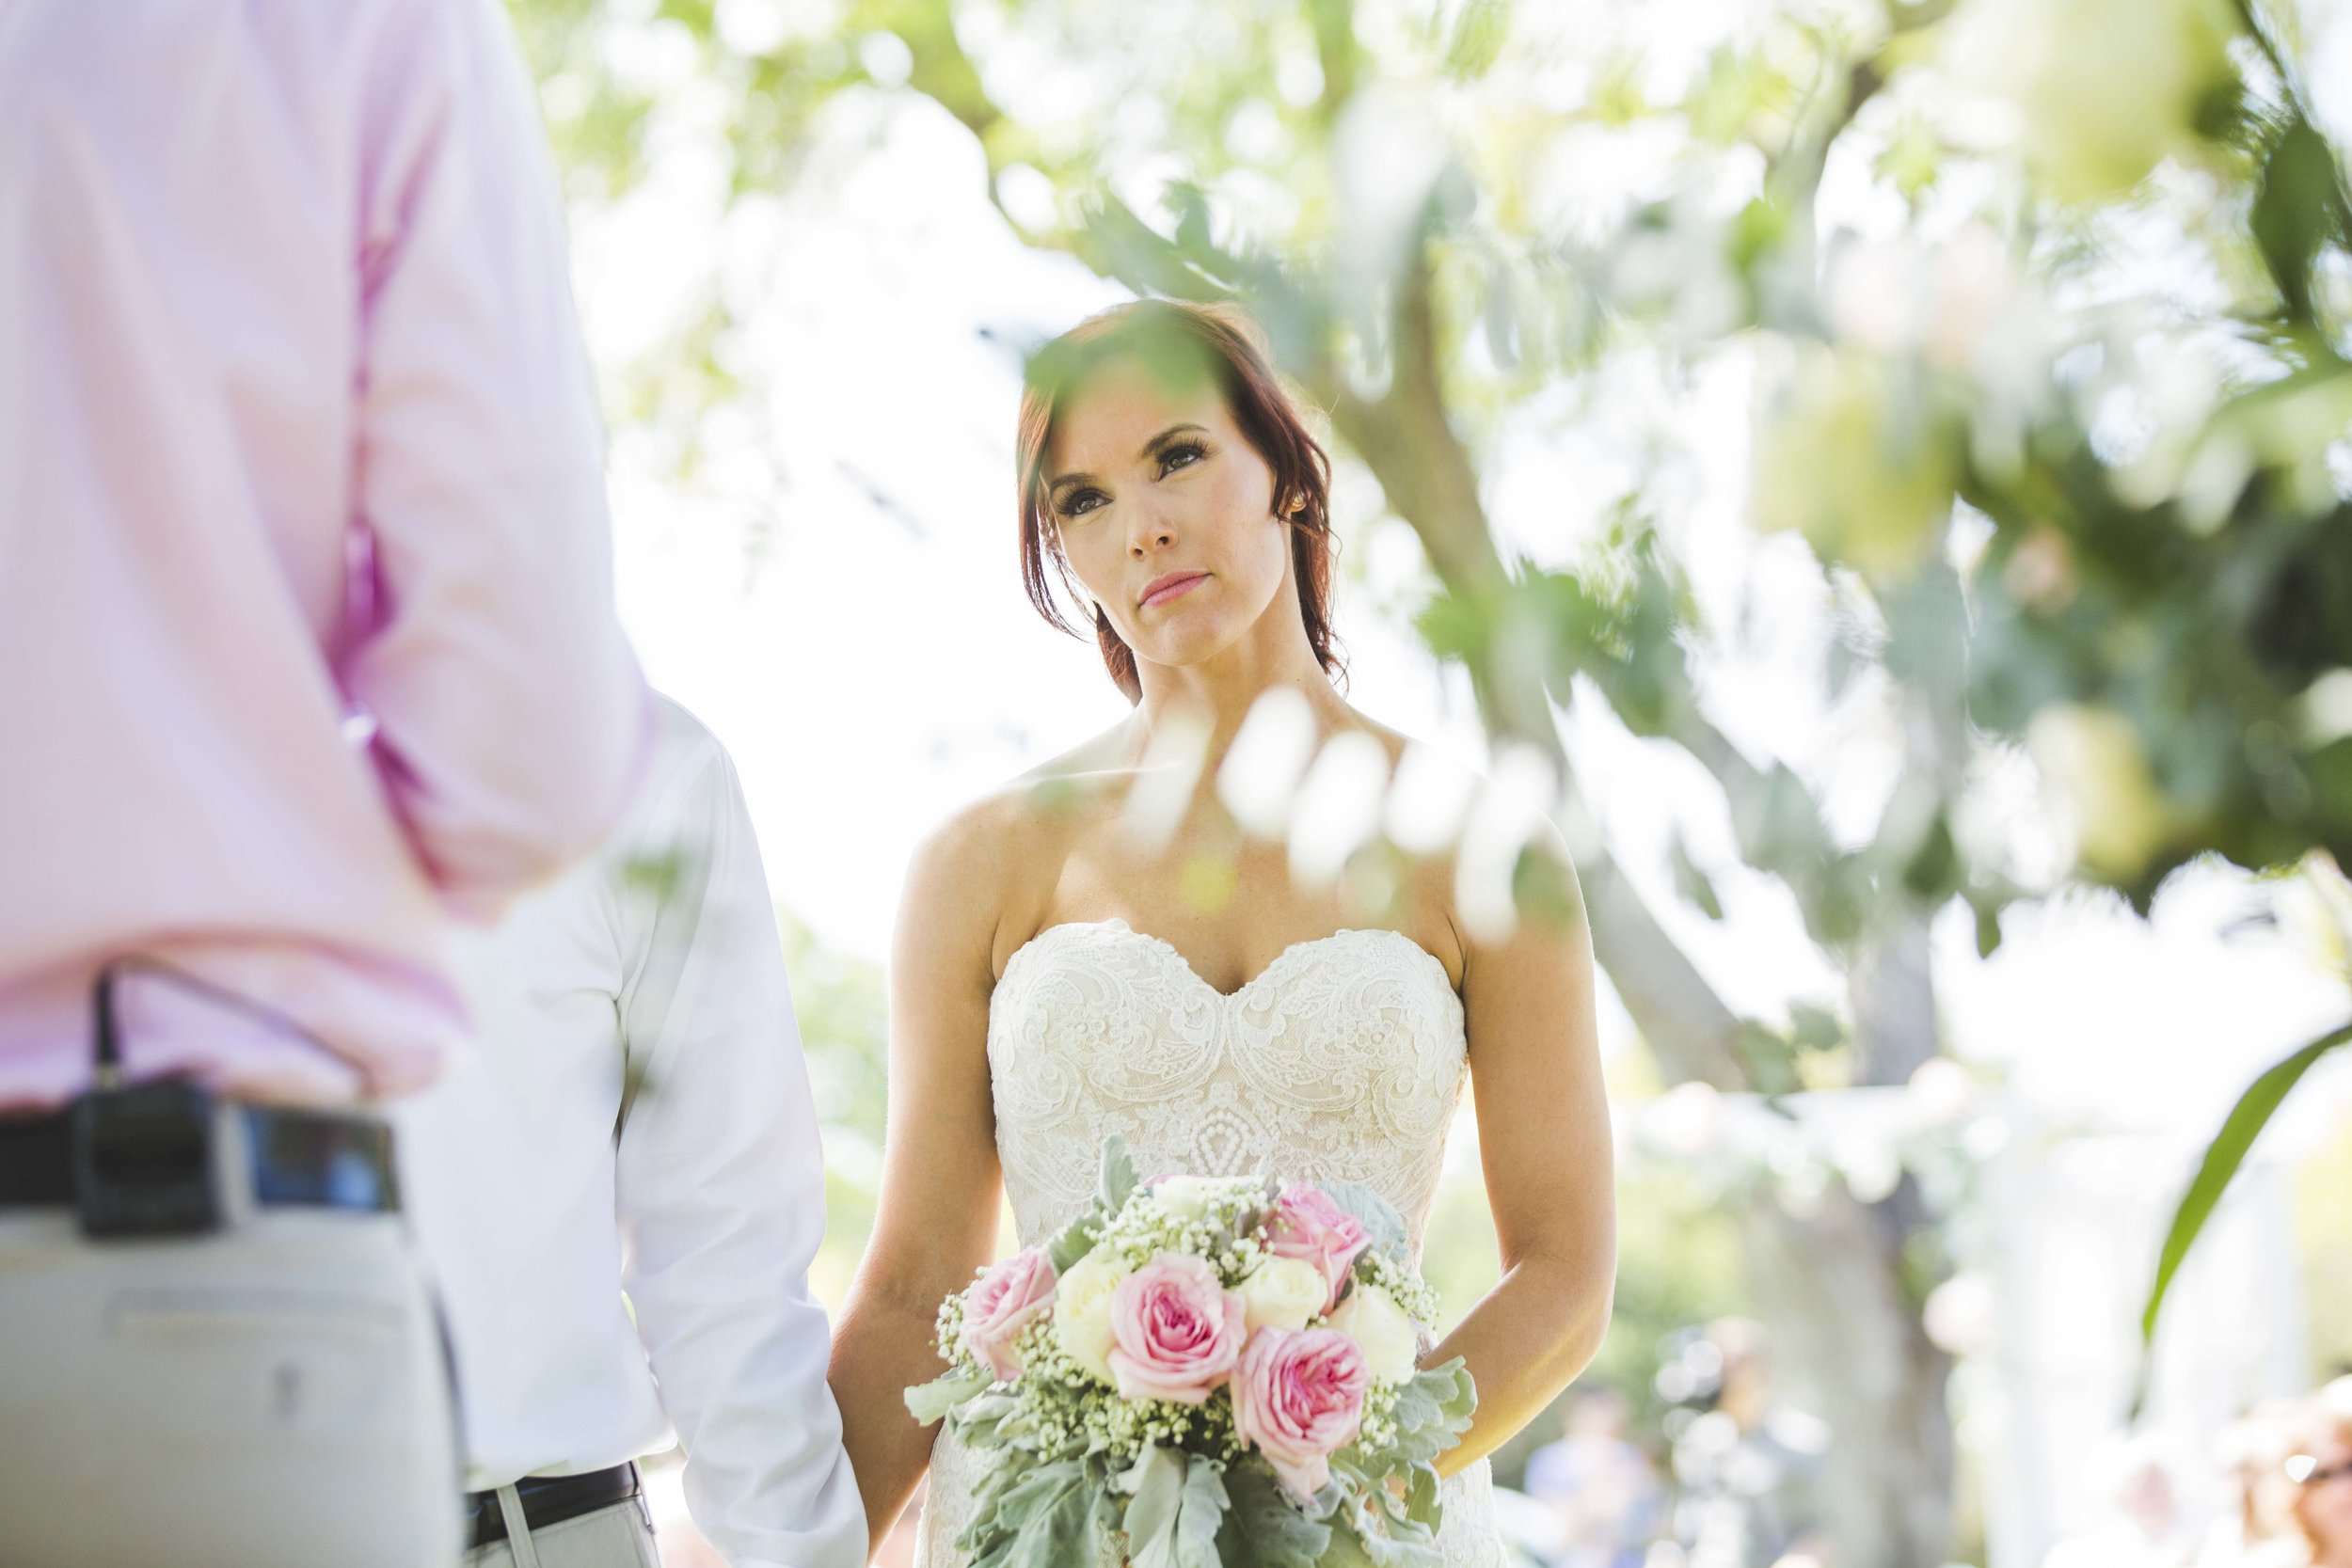 ATGI_Susanna & Matt Wedding_717A7663.jpg